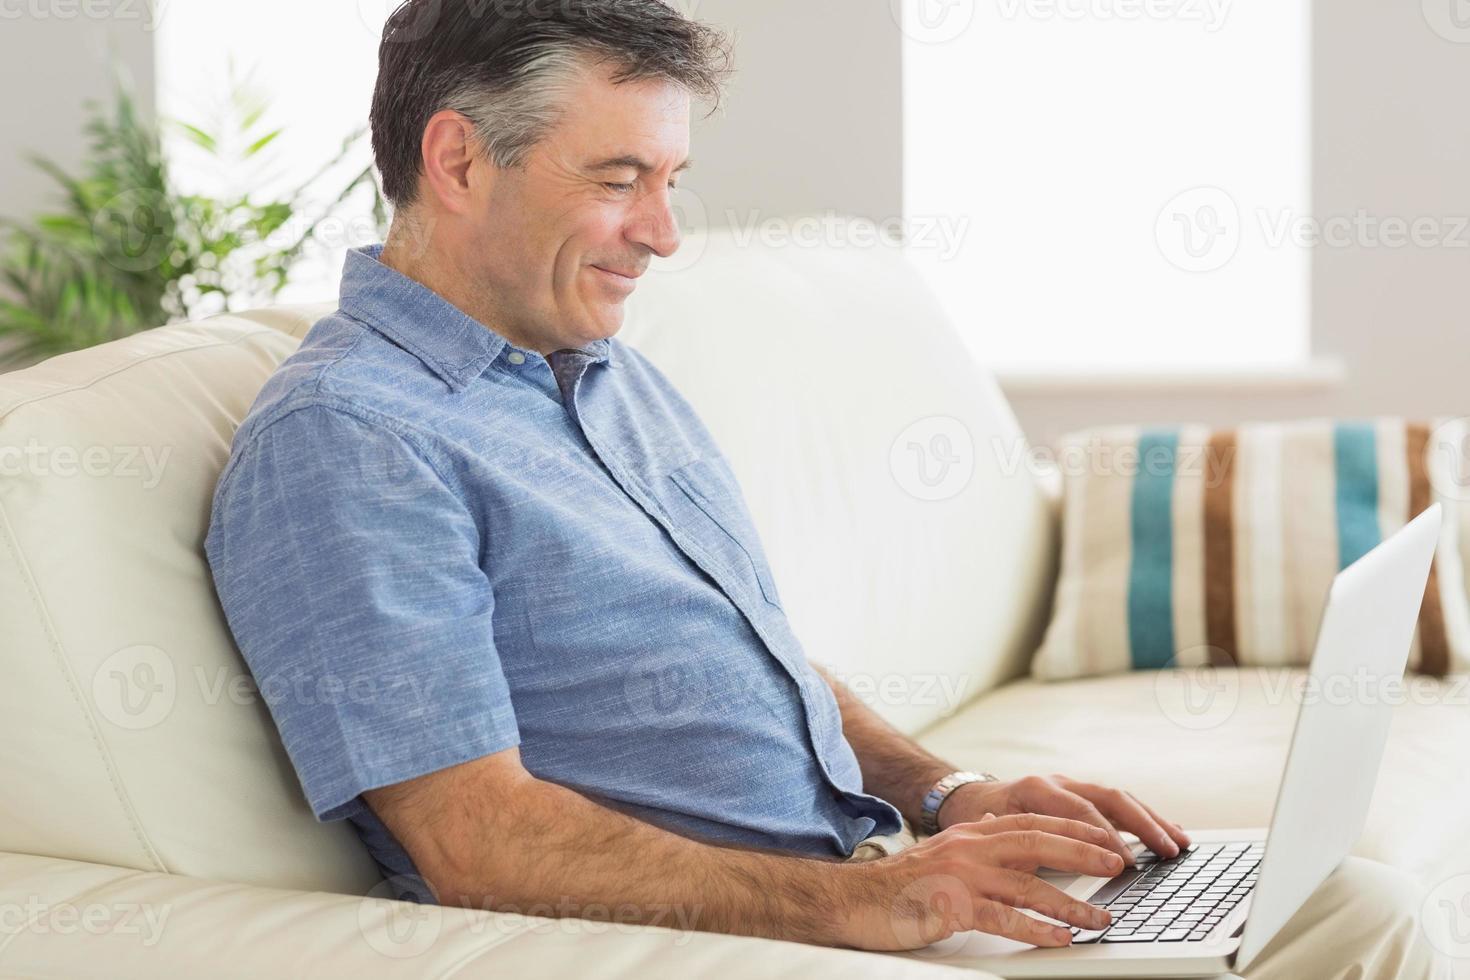 le man sitter på en soffa med laptop foto